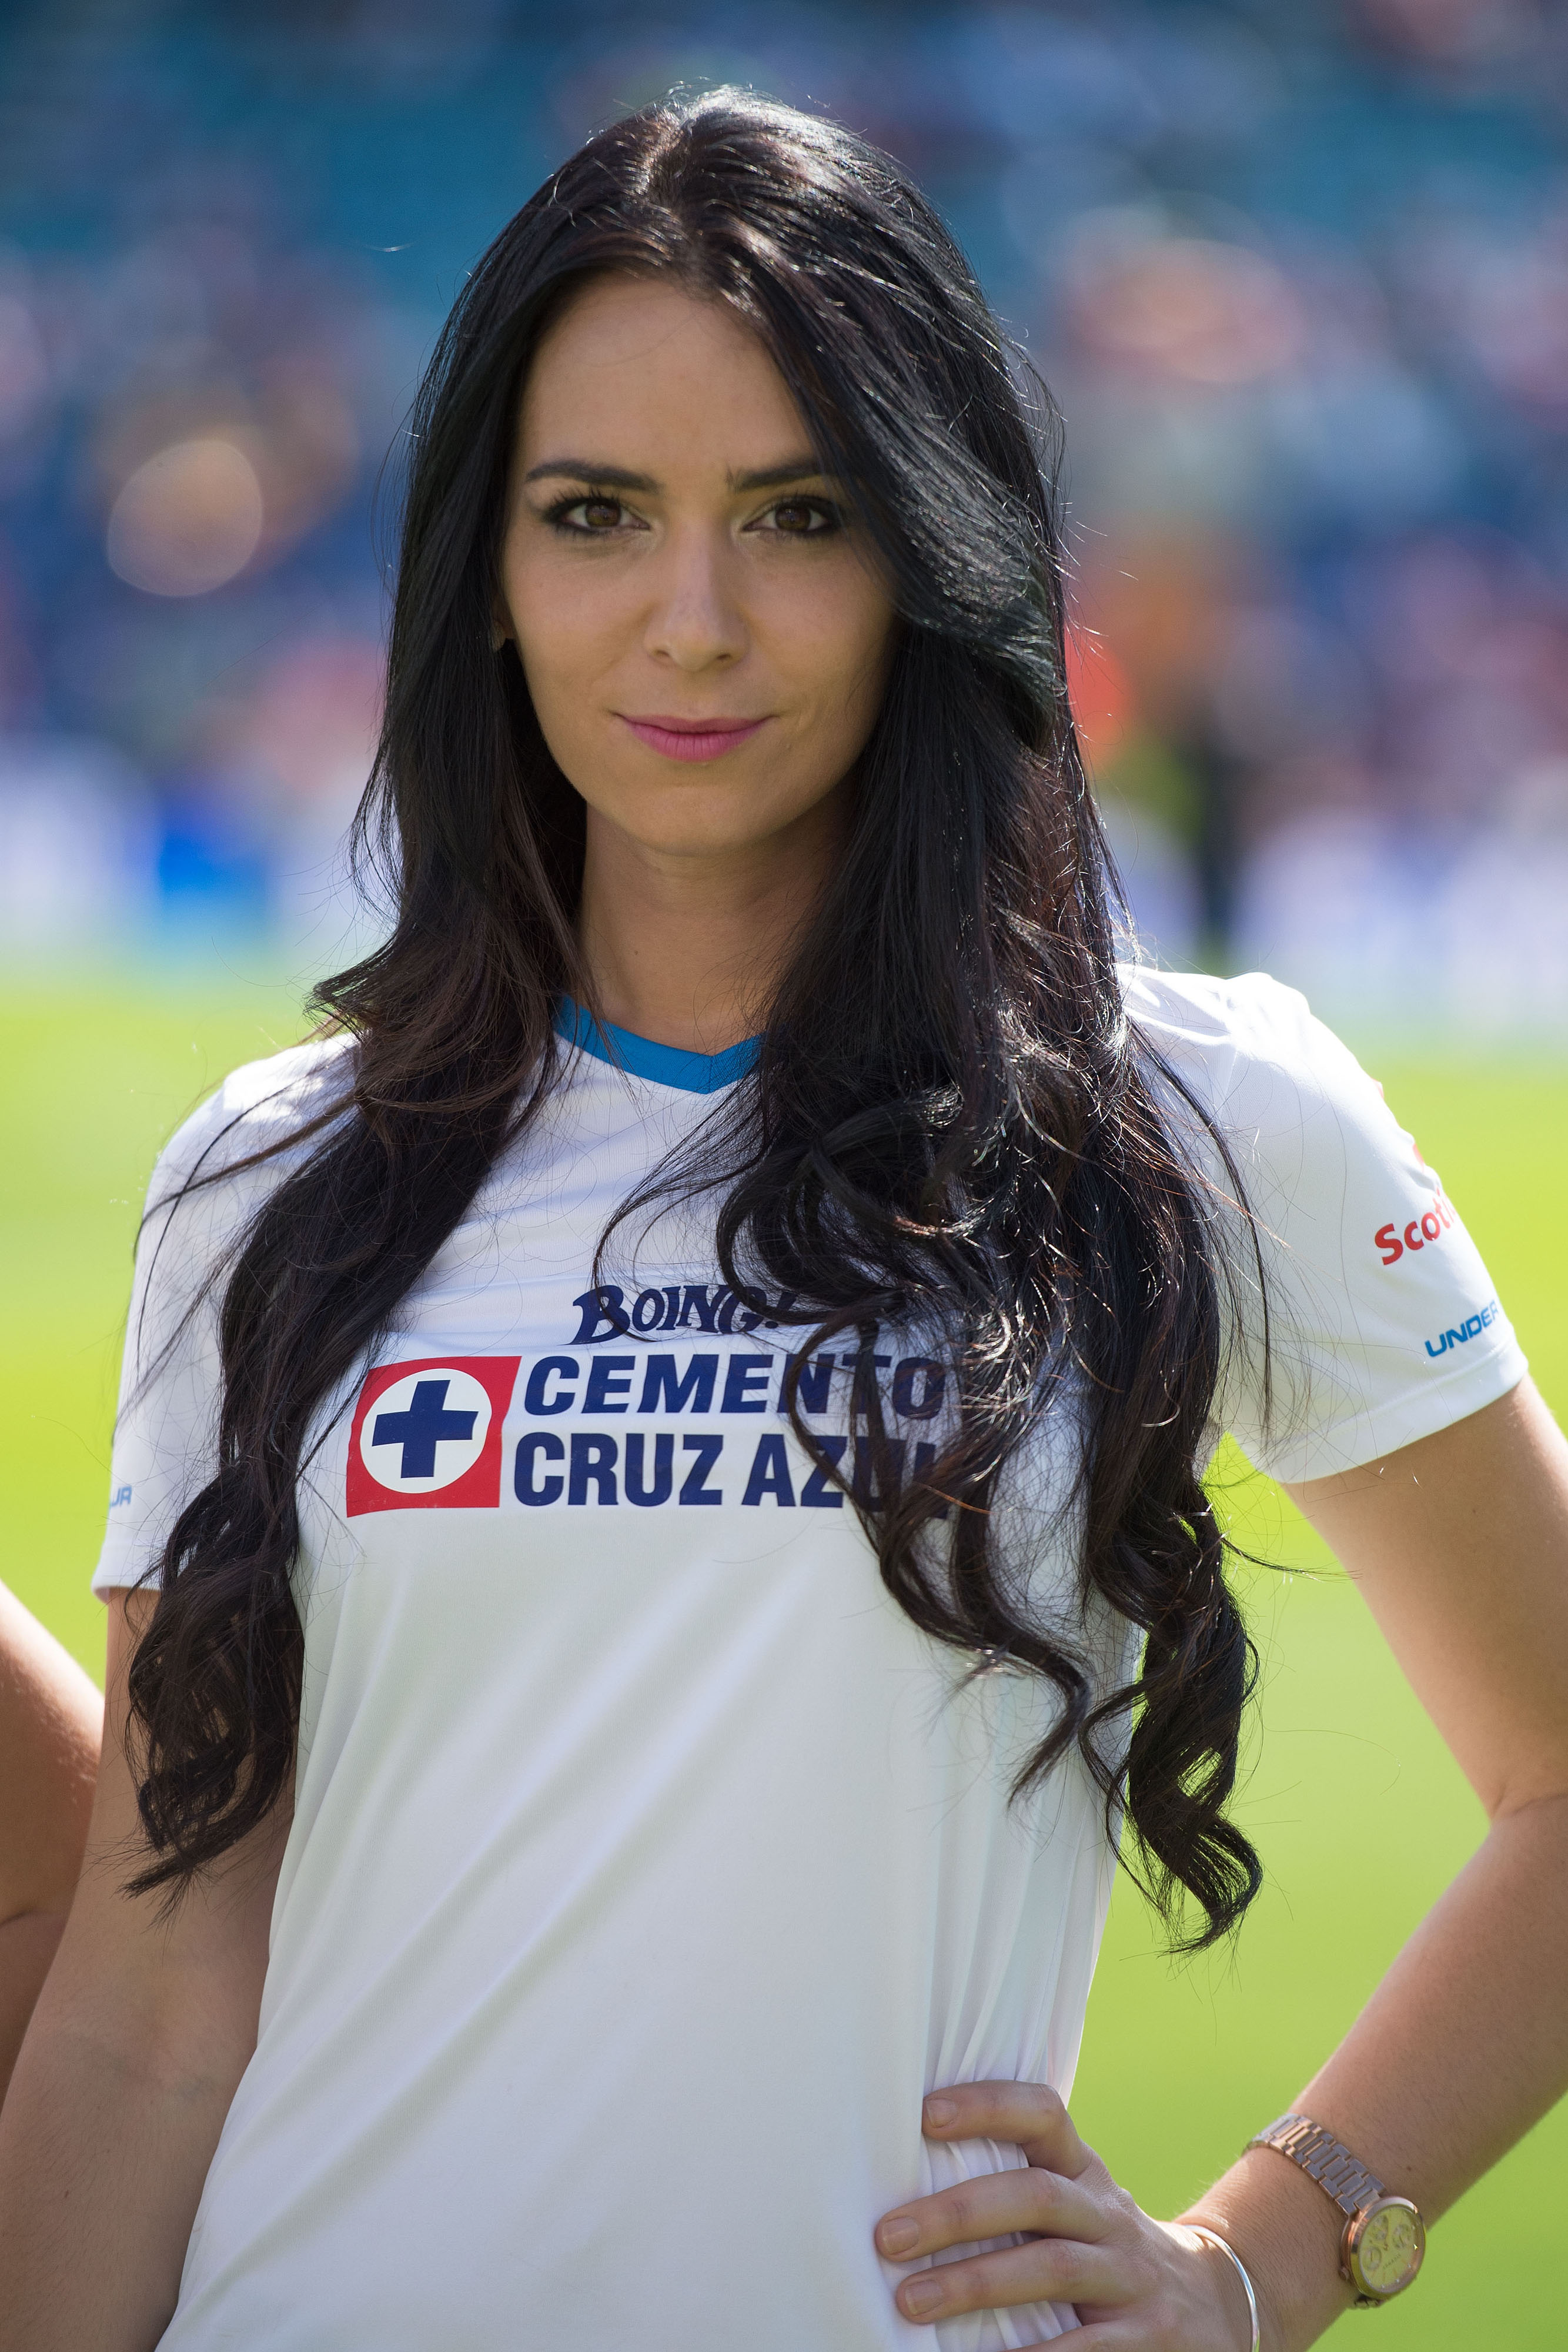 Clásico capitalino de fanáticas: ¿Cruz Azul o Pumas? - Univision